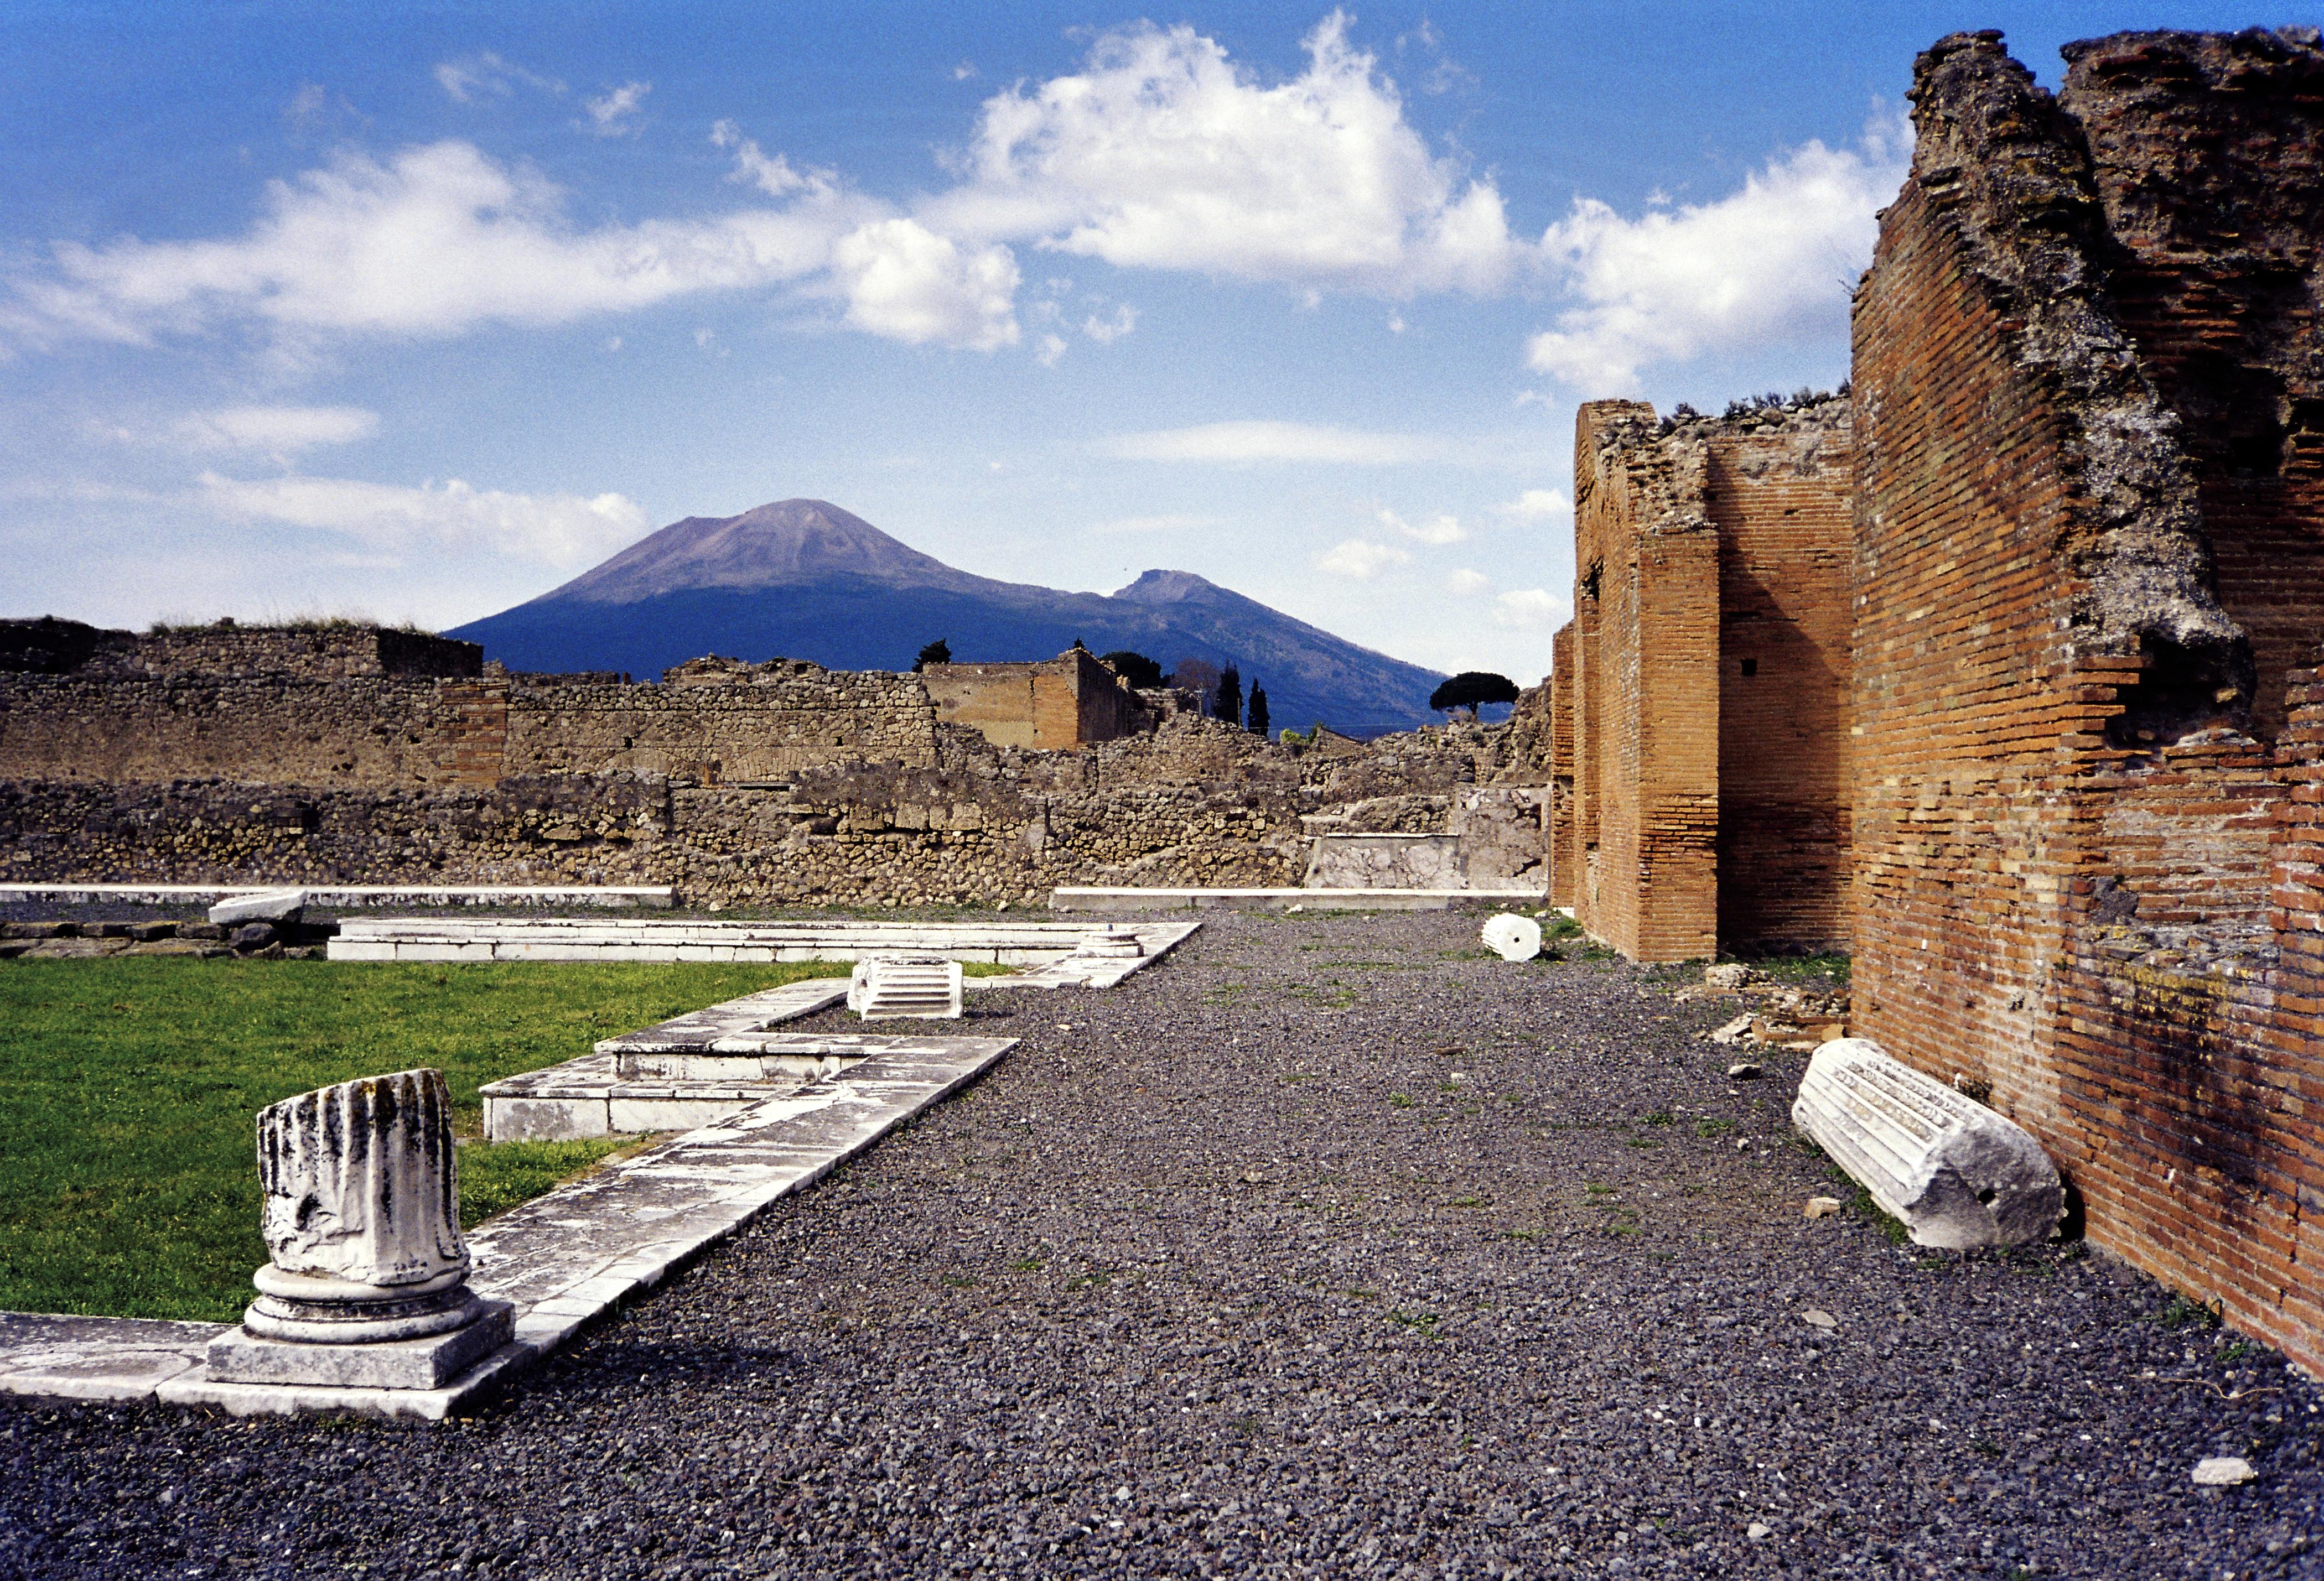 Mt Vesuvius View from Pompeii